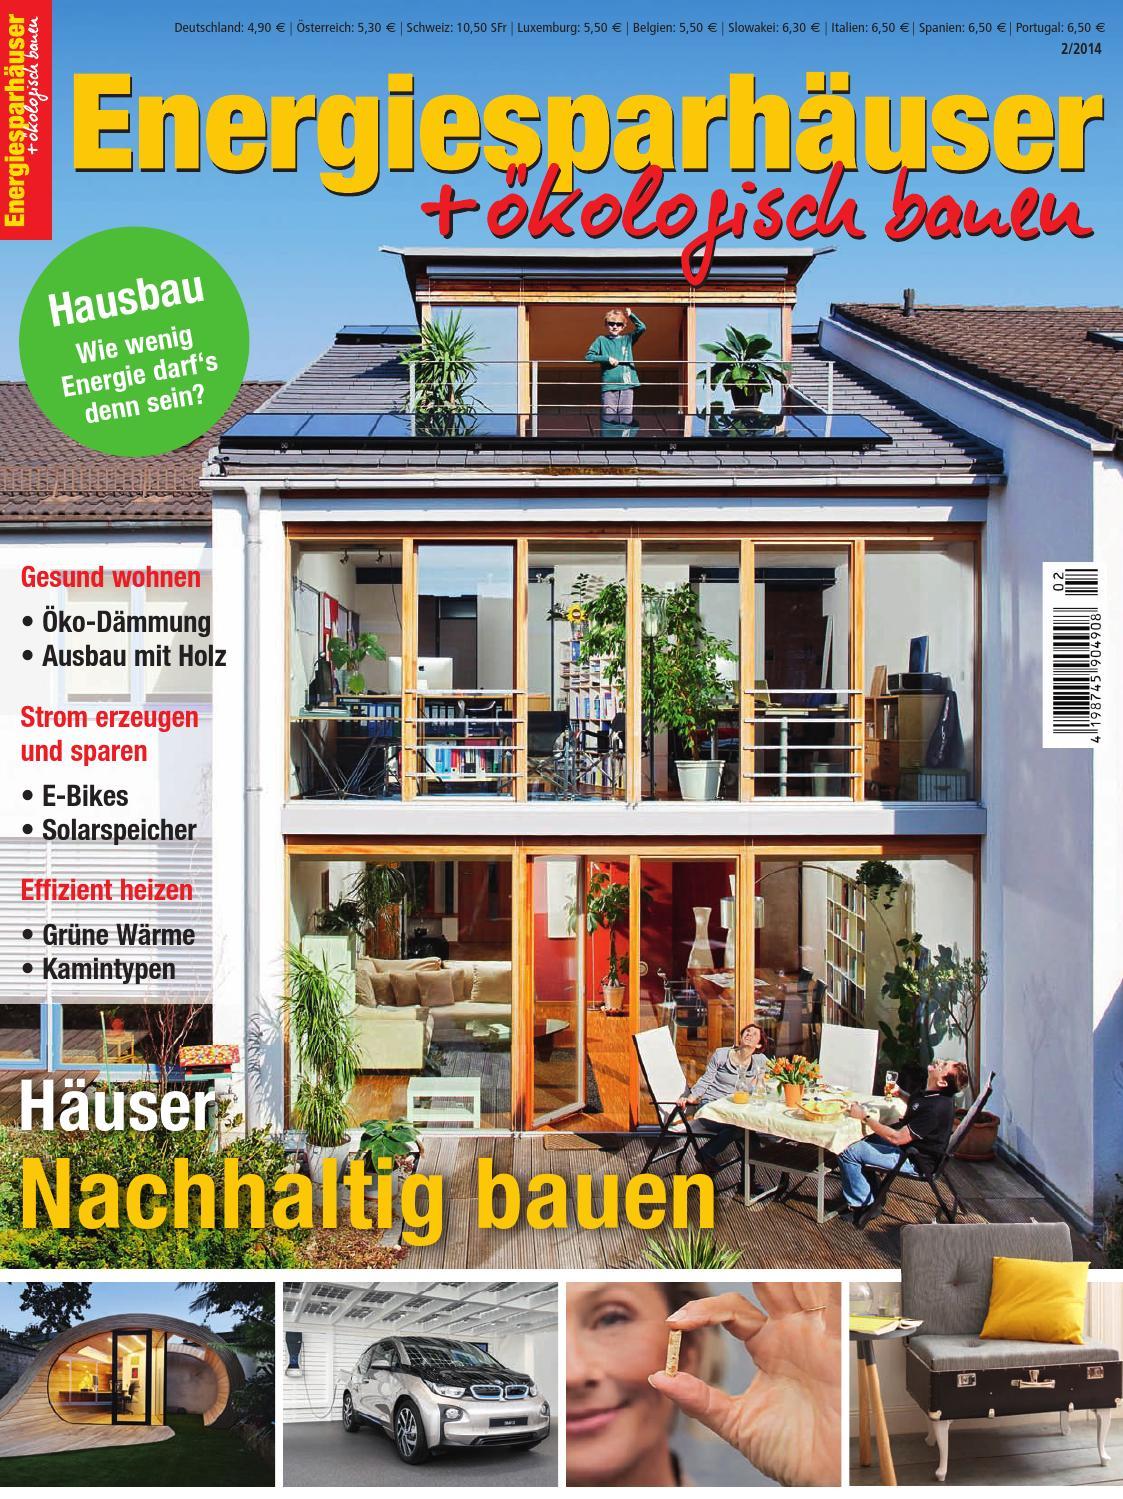 Energiesparhäuser + ökologisch Bauen 2/2014 By Family Home Verlag GmbH    Issuu